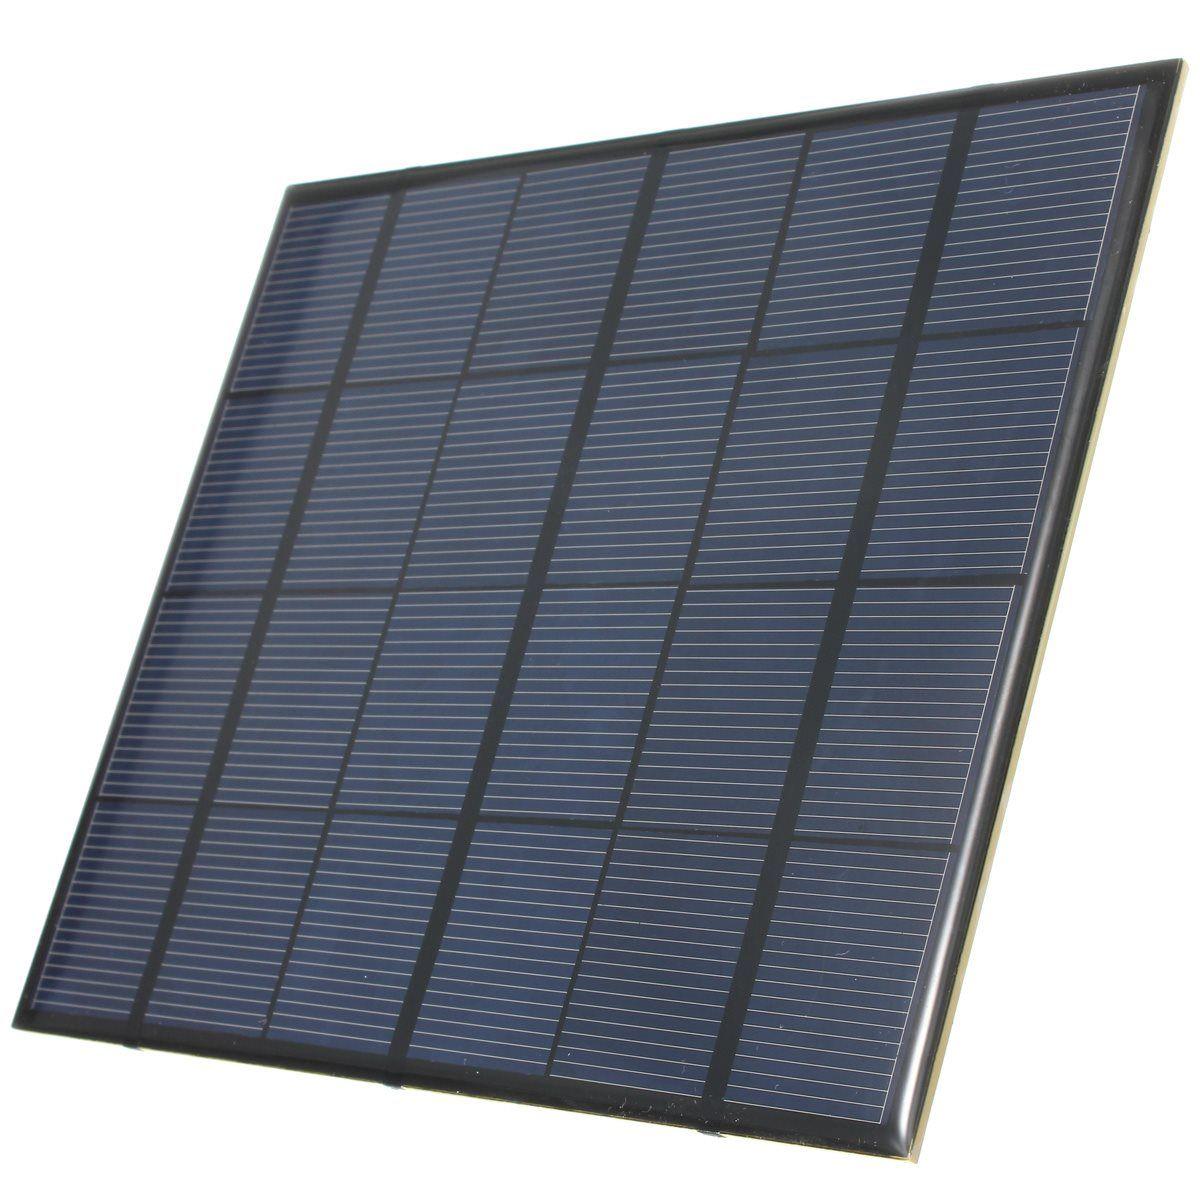 5 25 Buy Here Https Alitems Com G 1e8d114494ebda23ff8b16525dc3e8 I 5 Ulp Https 3a 2f 2fwww Aliexpress Com Modulo Solar Cargador De Telefono Celula Solar